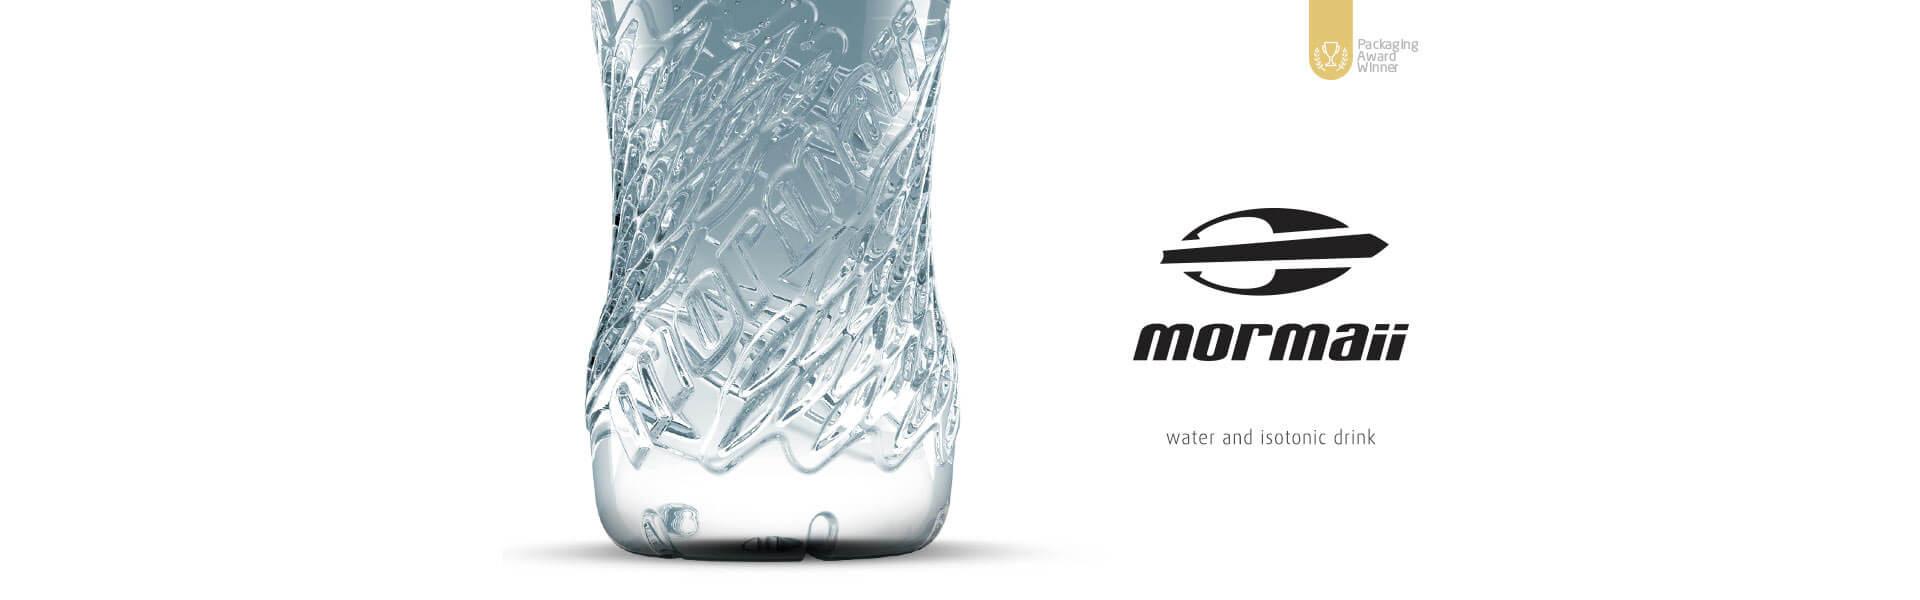 design de garrafas para água mineral Mormaii